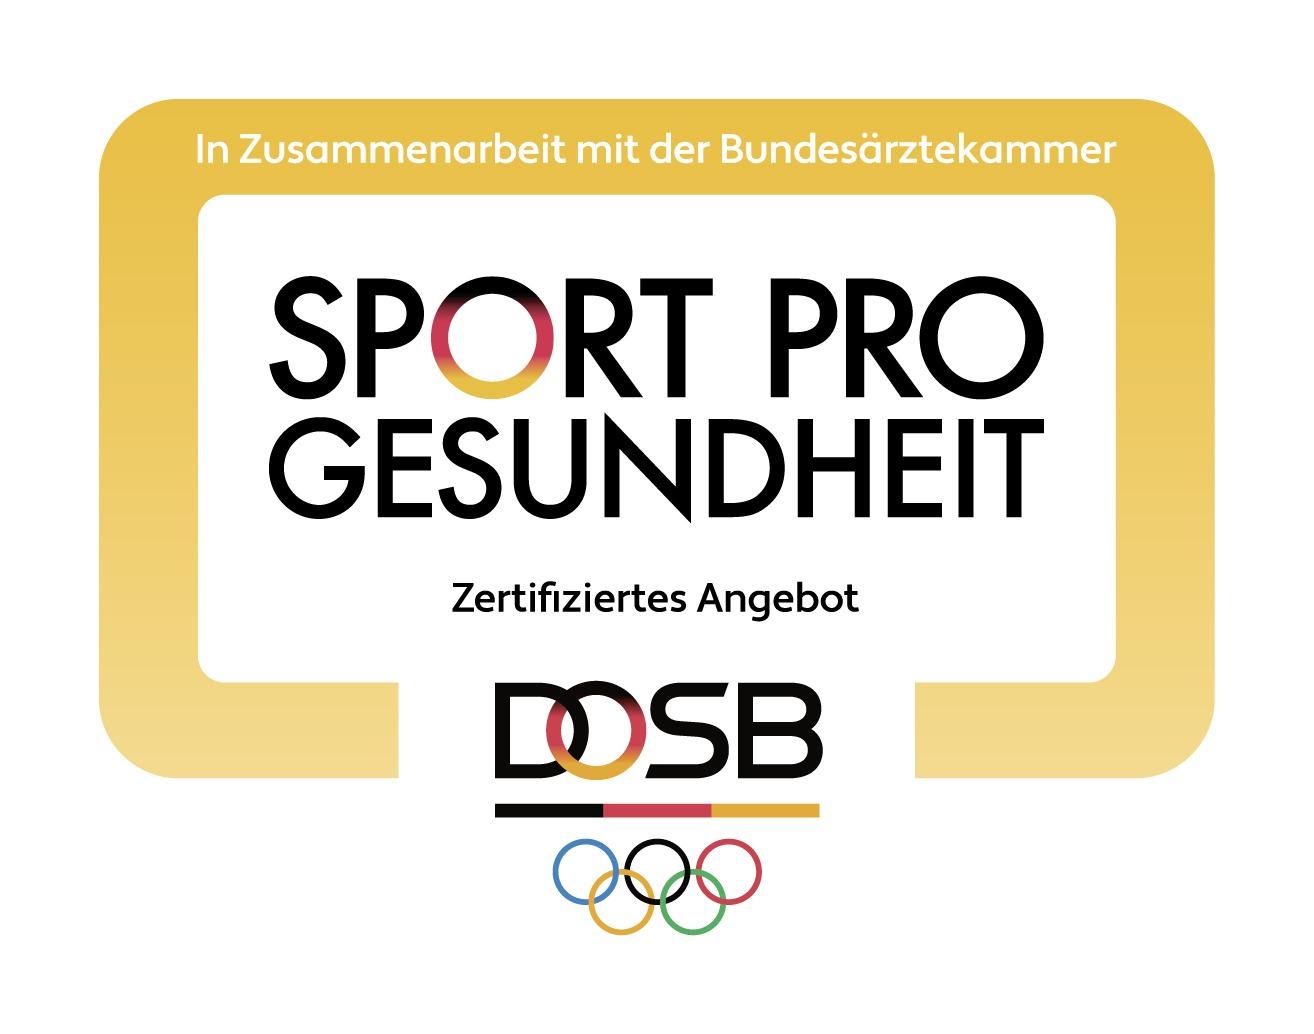 Sport pro Gesundheit